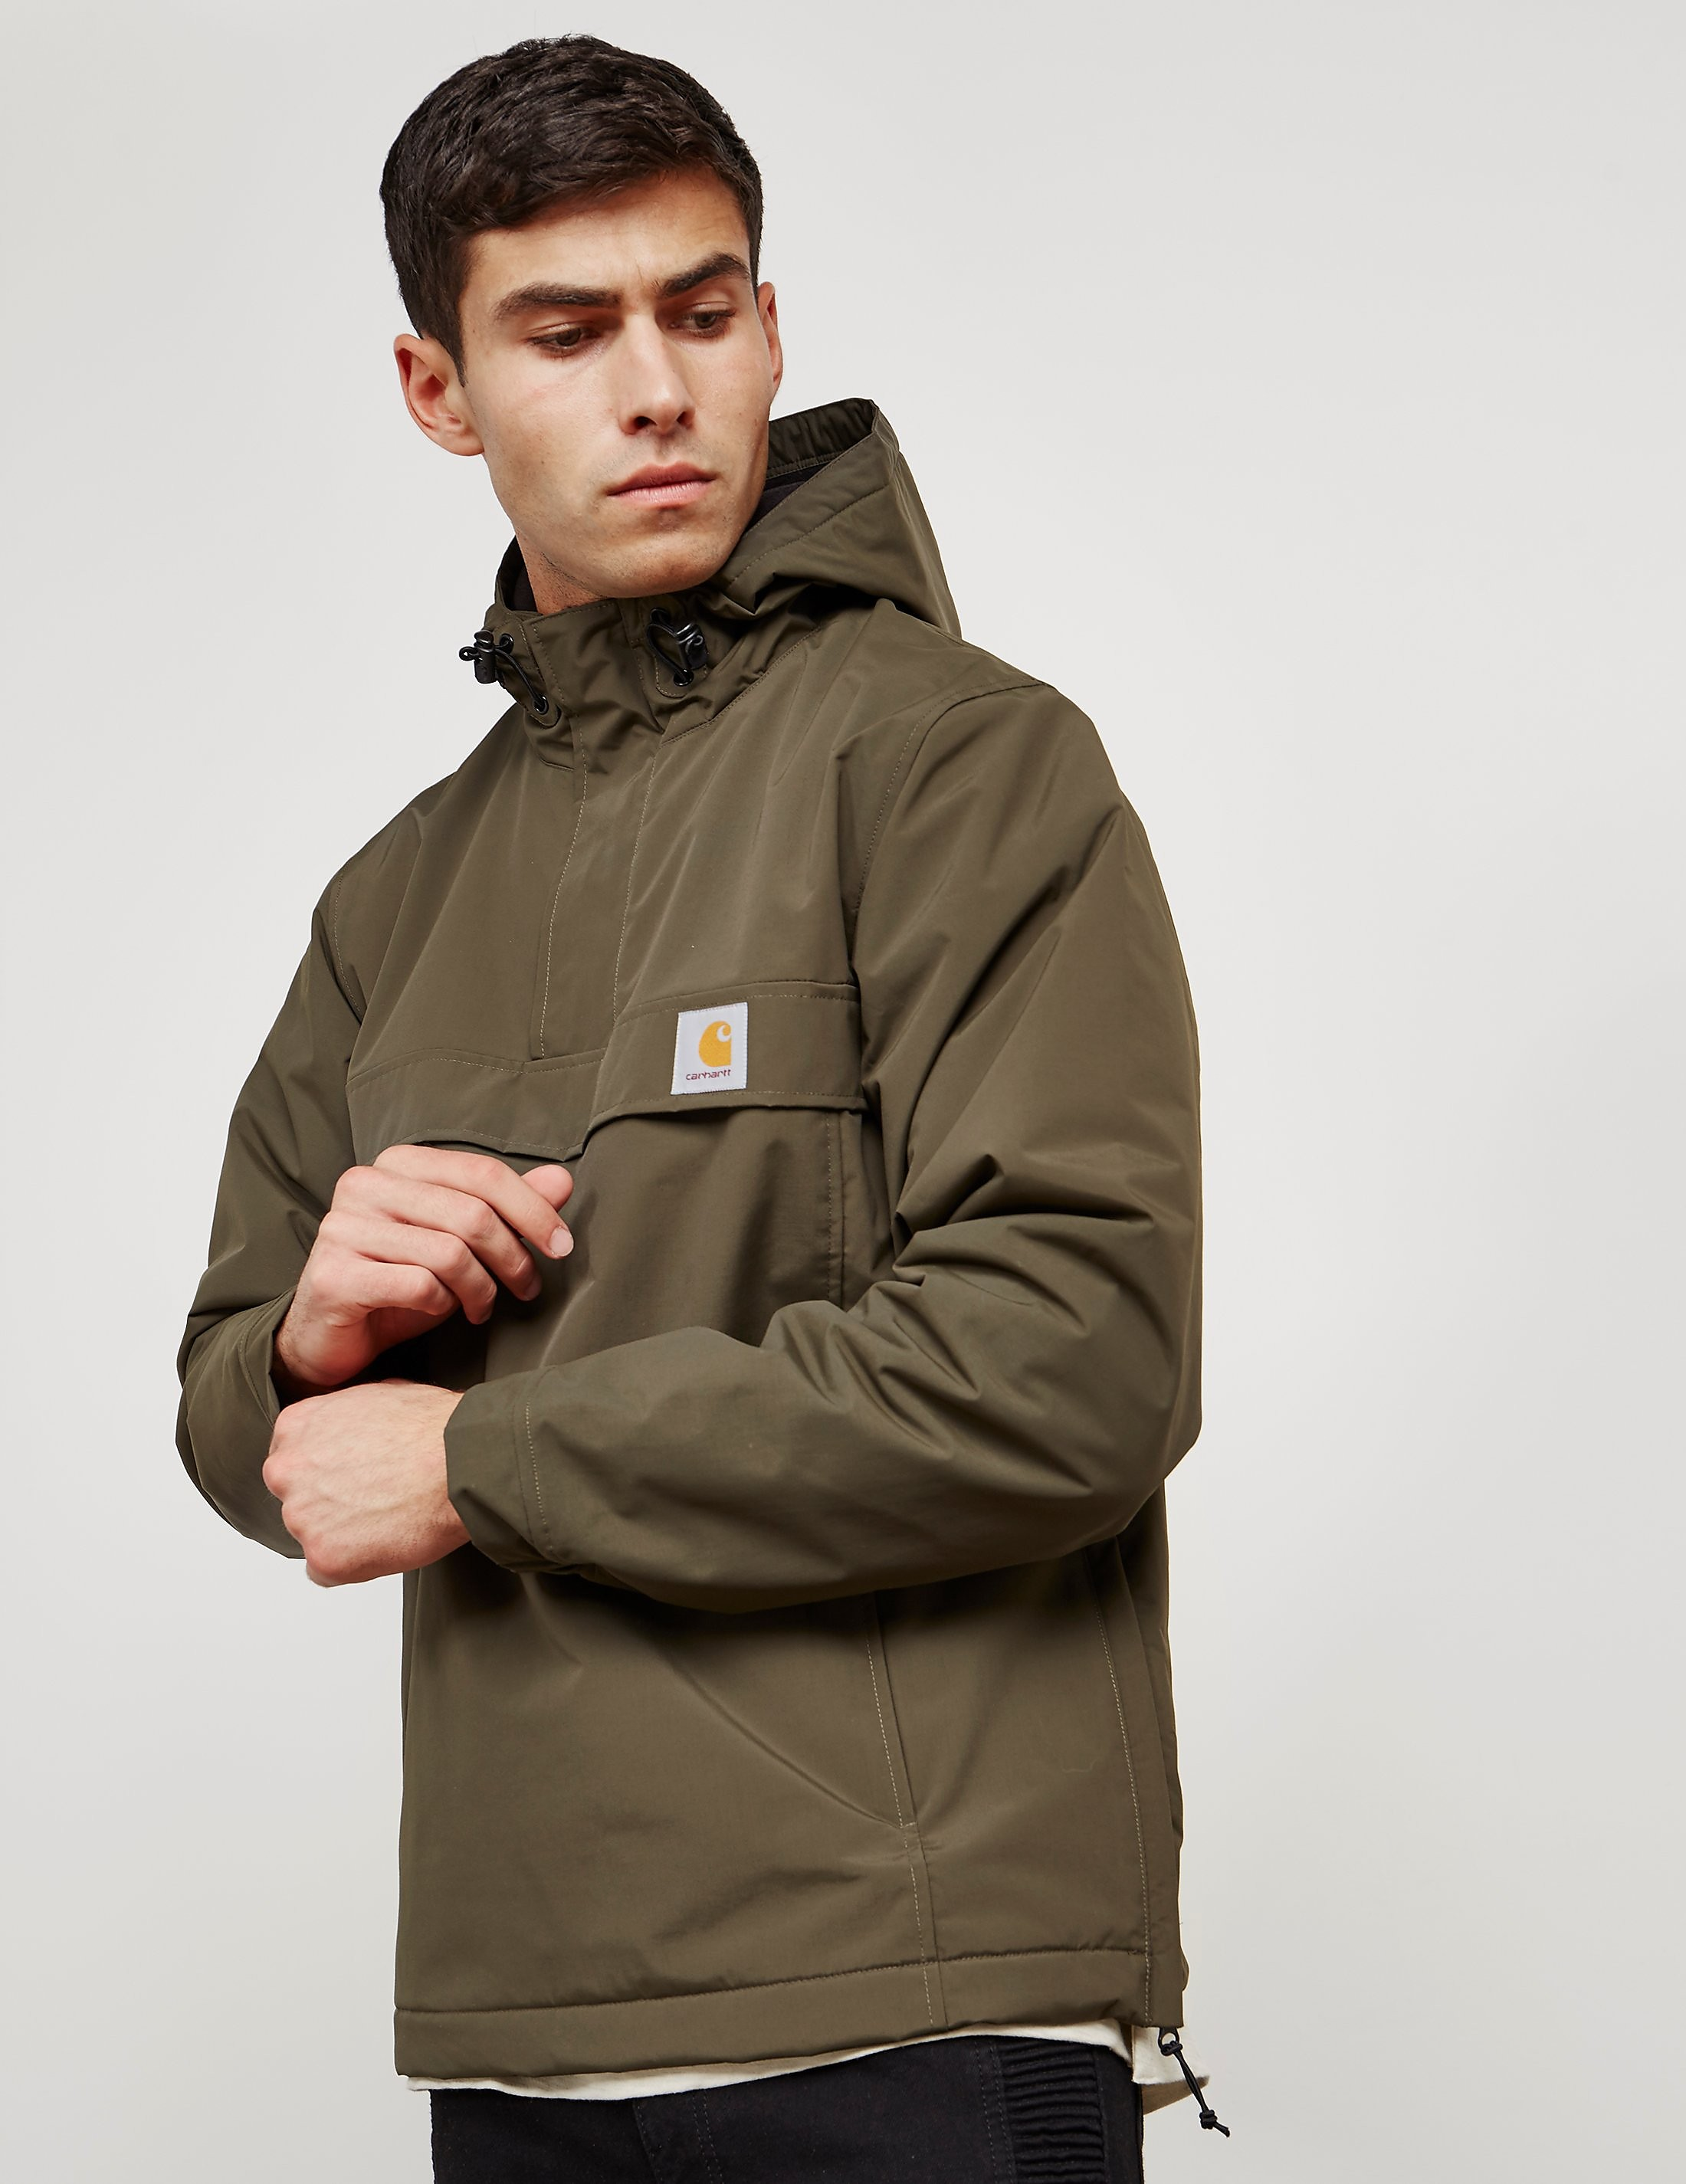 Carhartt WIP Nimbus Overhead Jacket